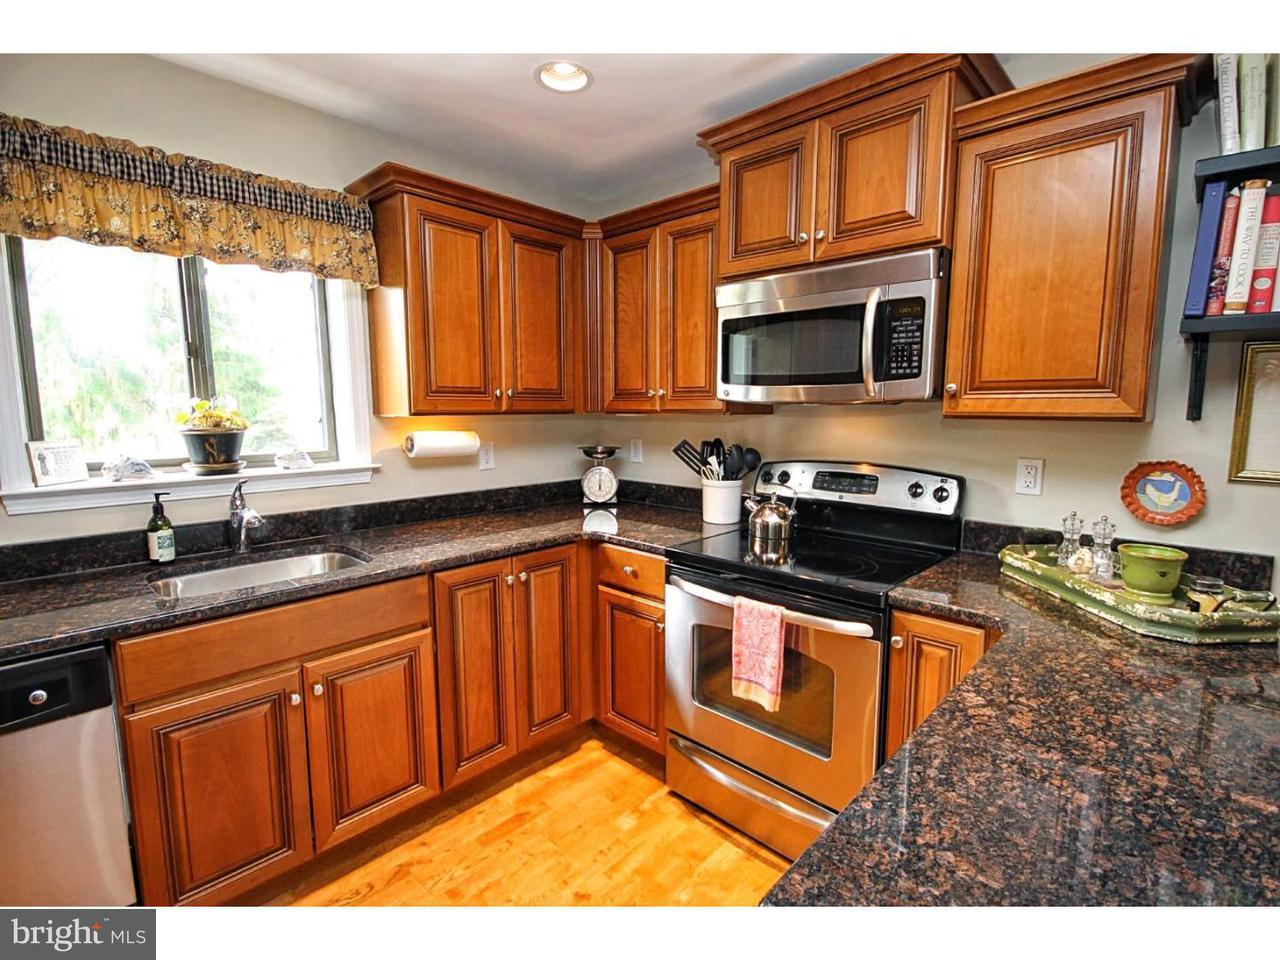 共管式独立产权公寓 为 出租 在 411 W CONESTOGA RD #41 Devon, 宾夕法尼亚州 19333 美国